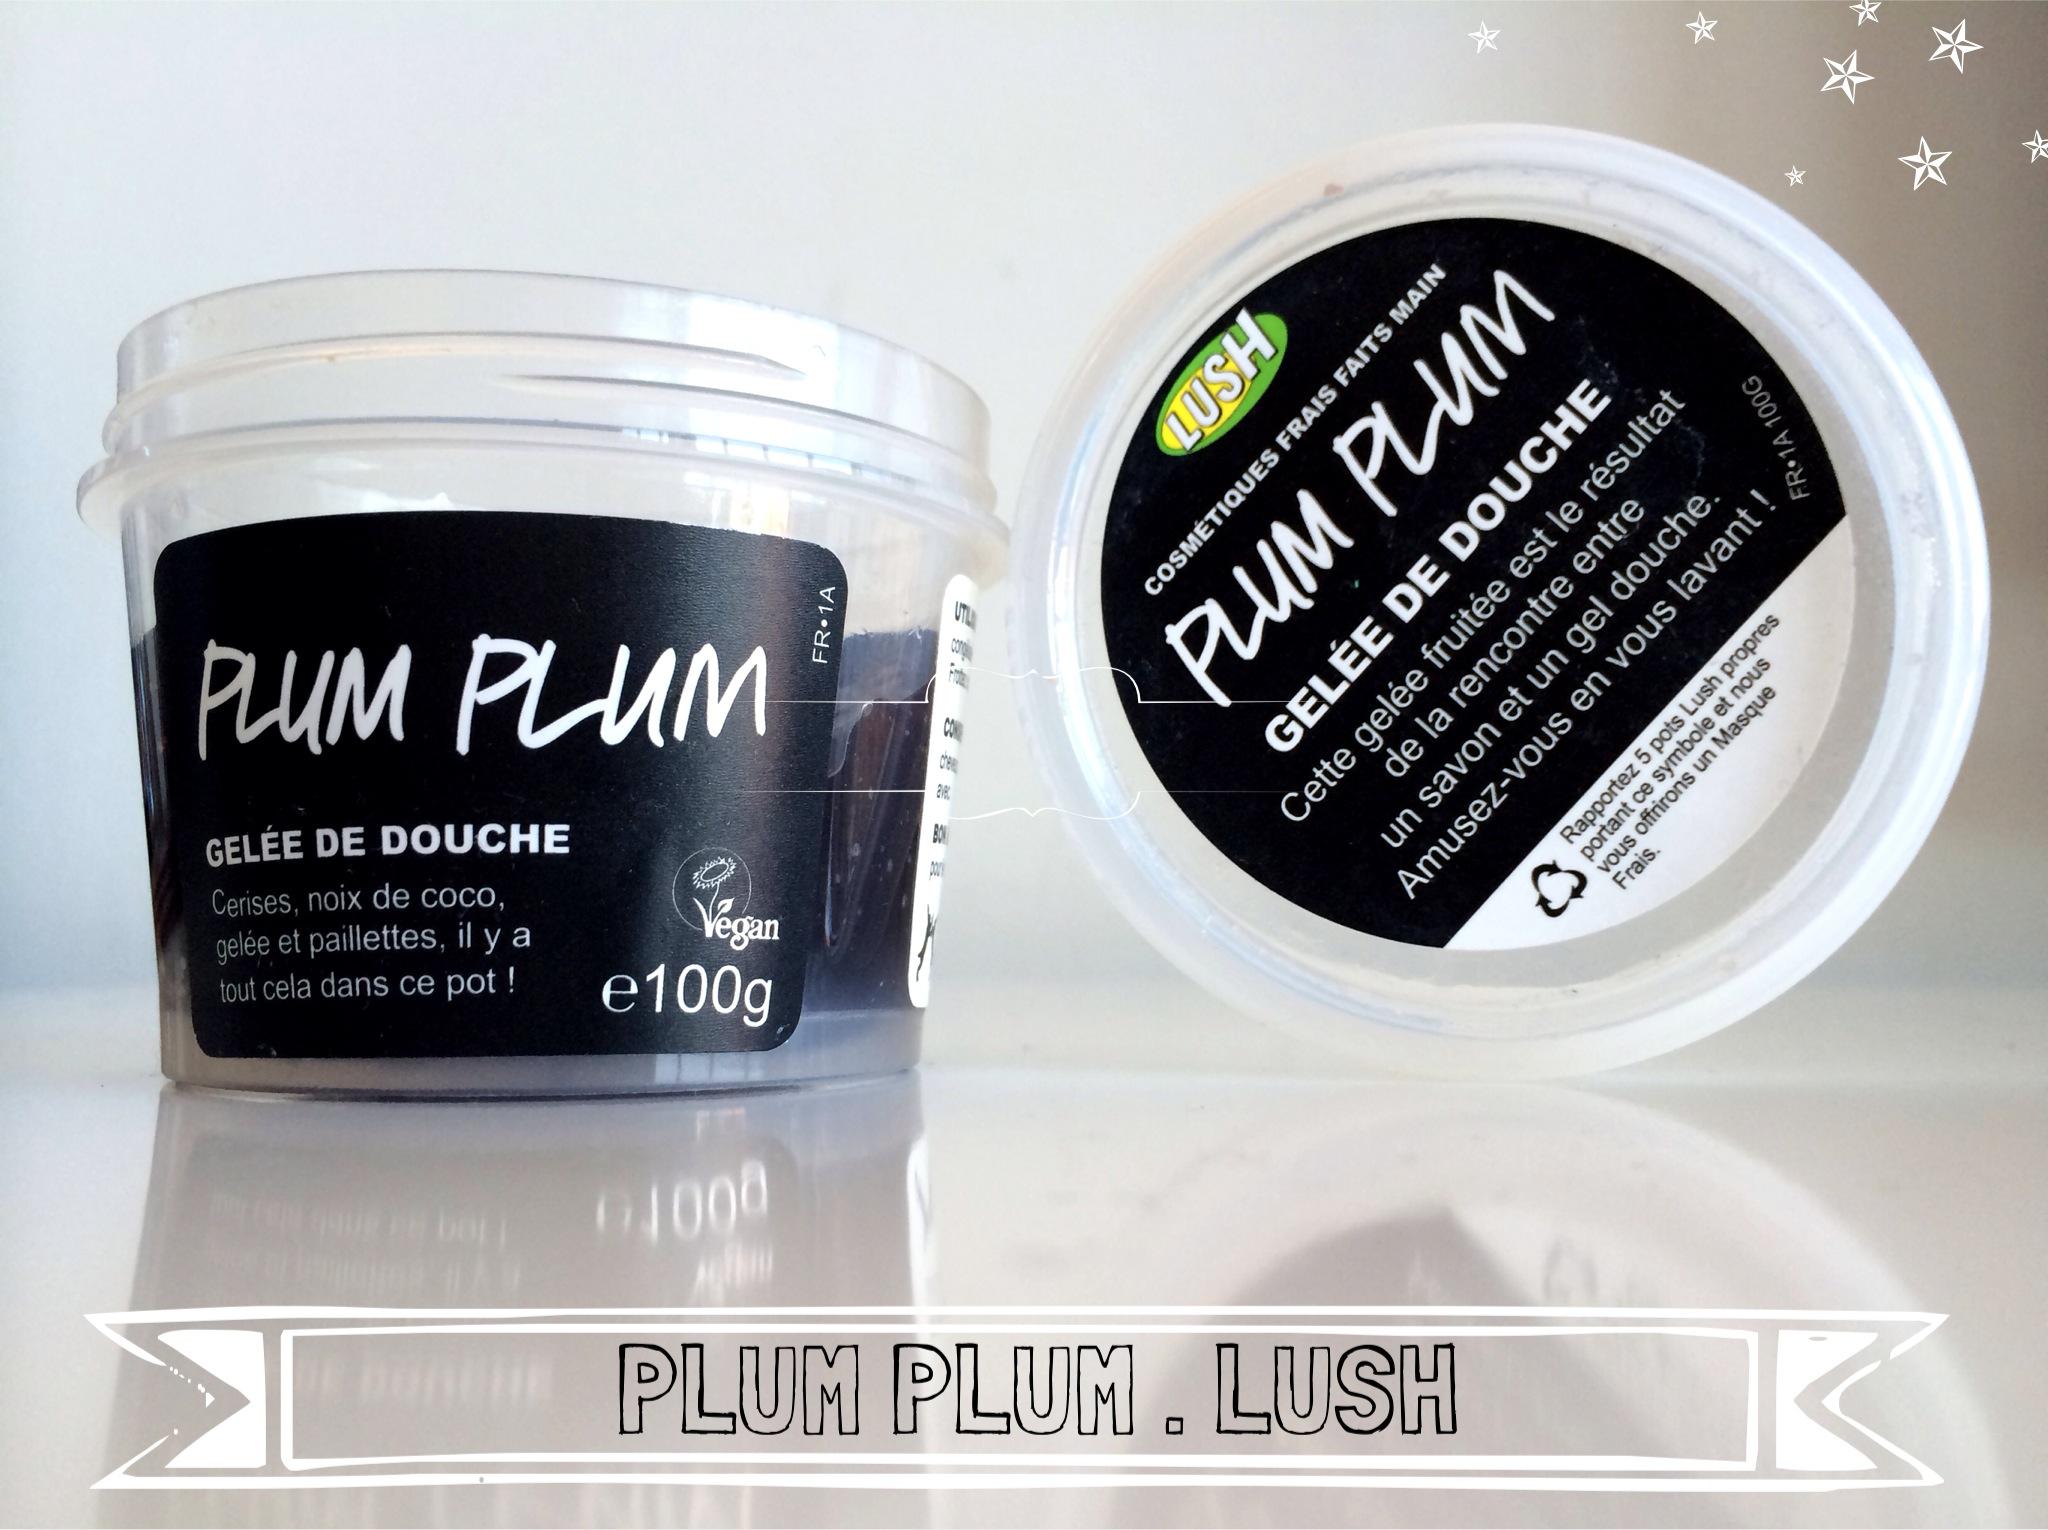 Plum plum - Lush